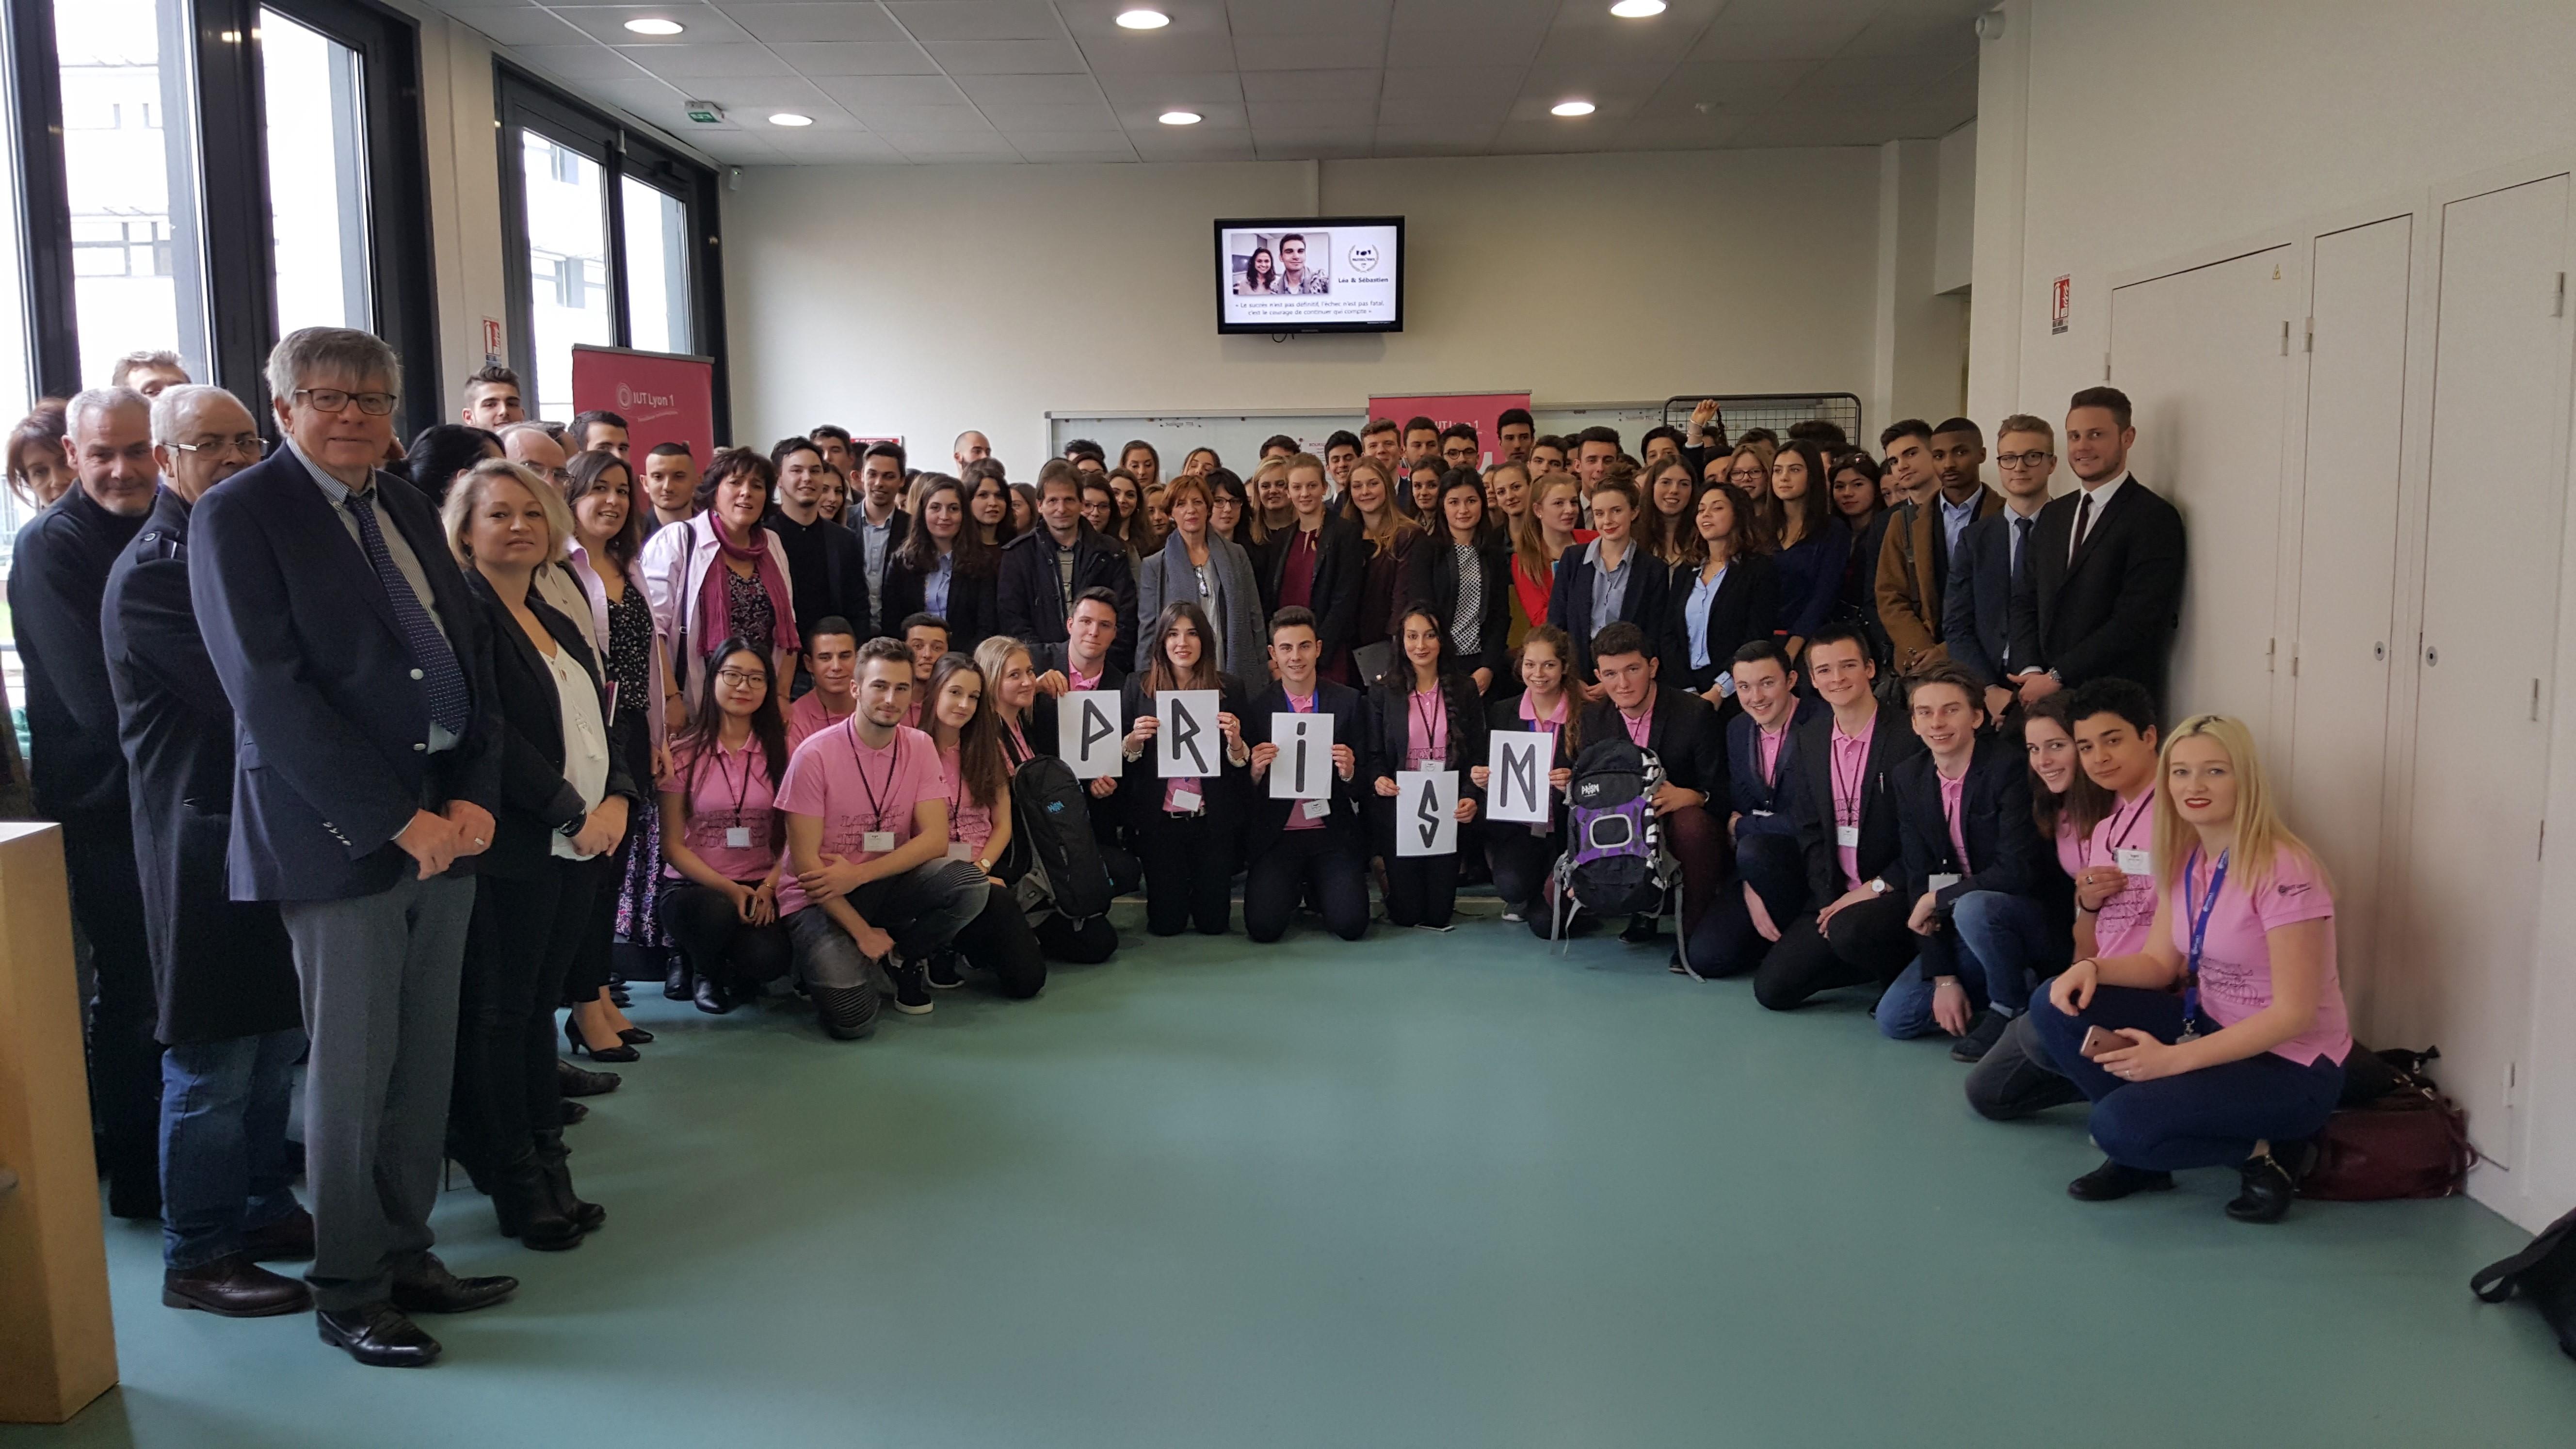 Les participants au concours MDV 2017, l'équipe organisatrice et le jury